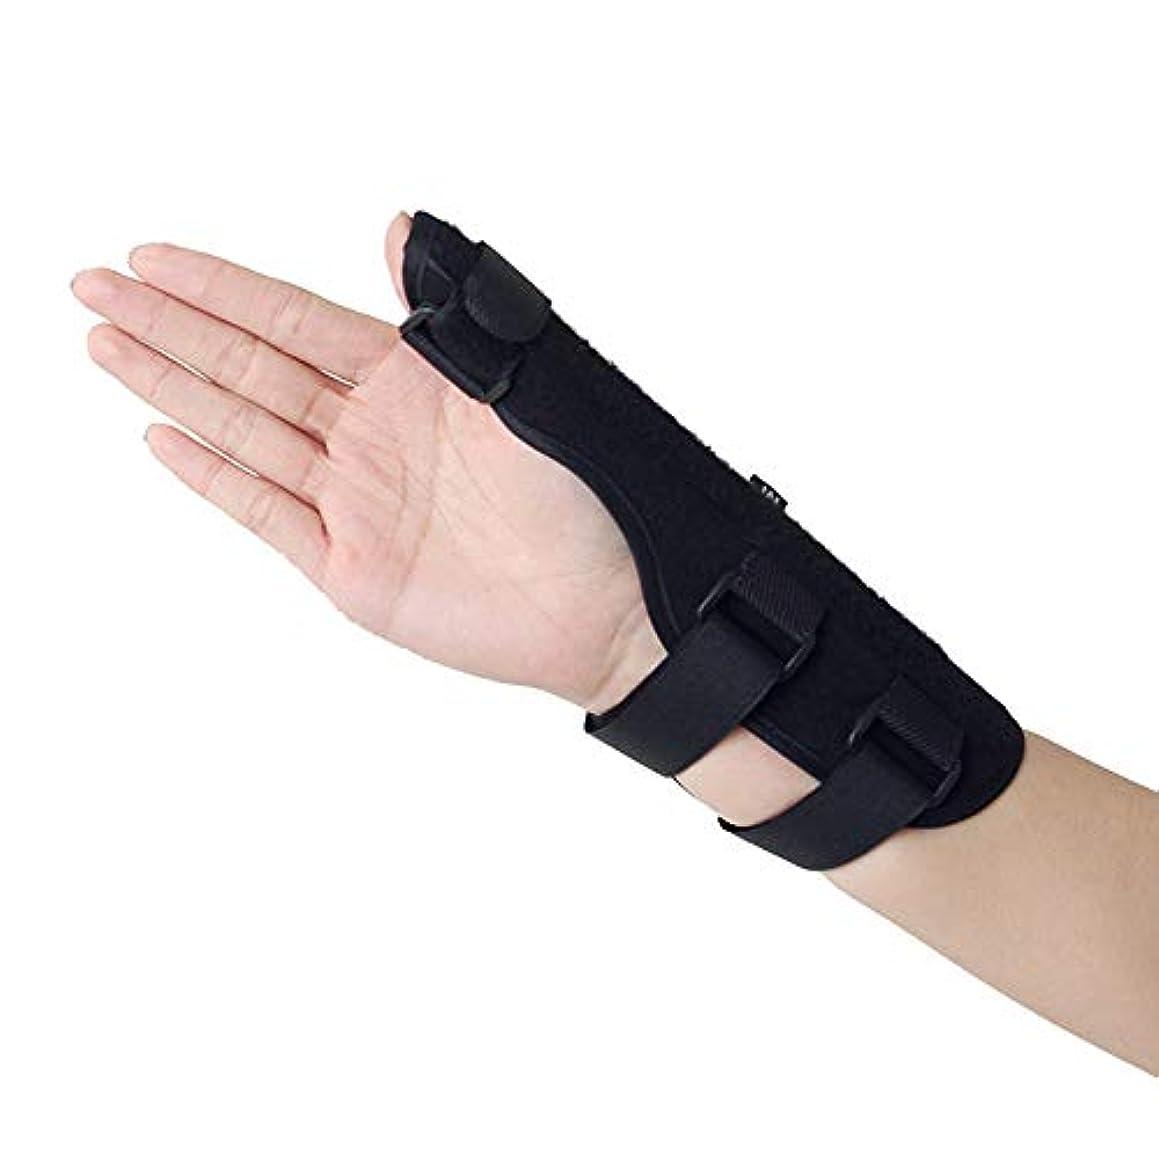 同封する以上放棄親指サポート、手首サポート、関節炎、関節痛、腱炎、捻rain、手の不安定性イモビライザーに最適軽量で通気性